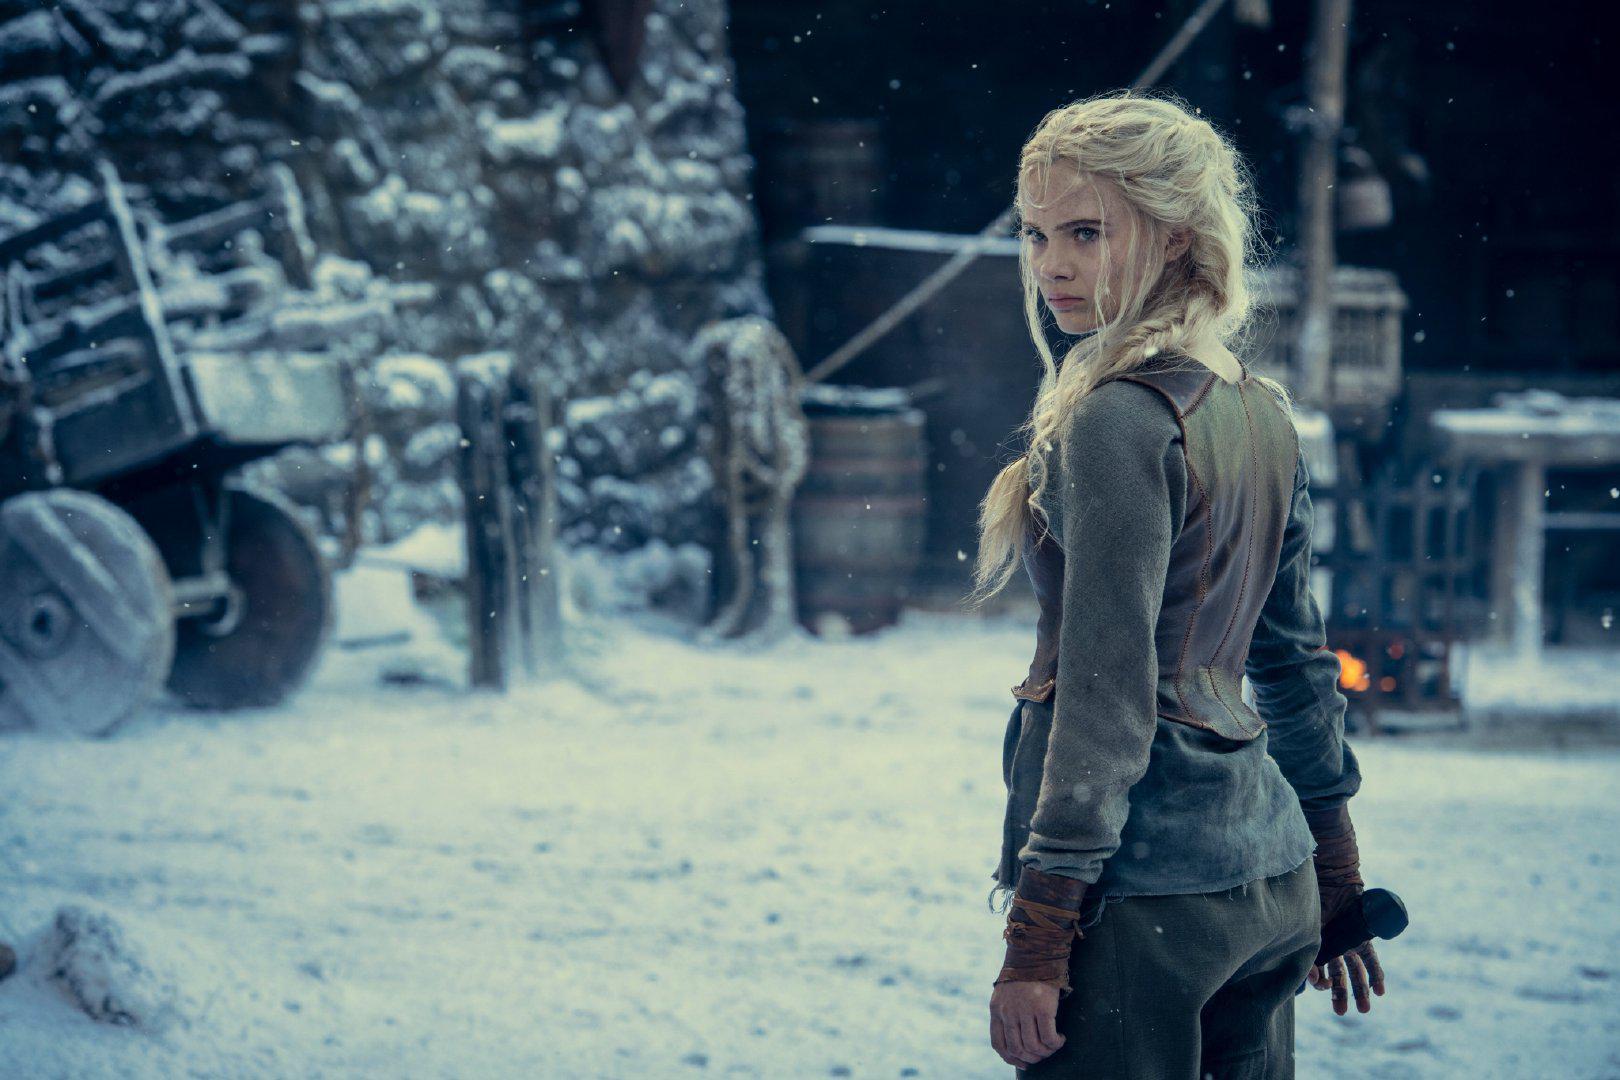 《巫師》第二季新劇照 希裡揮劍接受戰鬥訓練